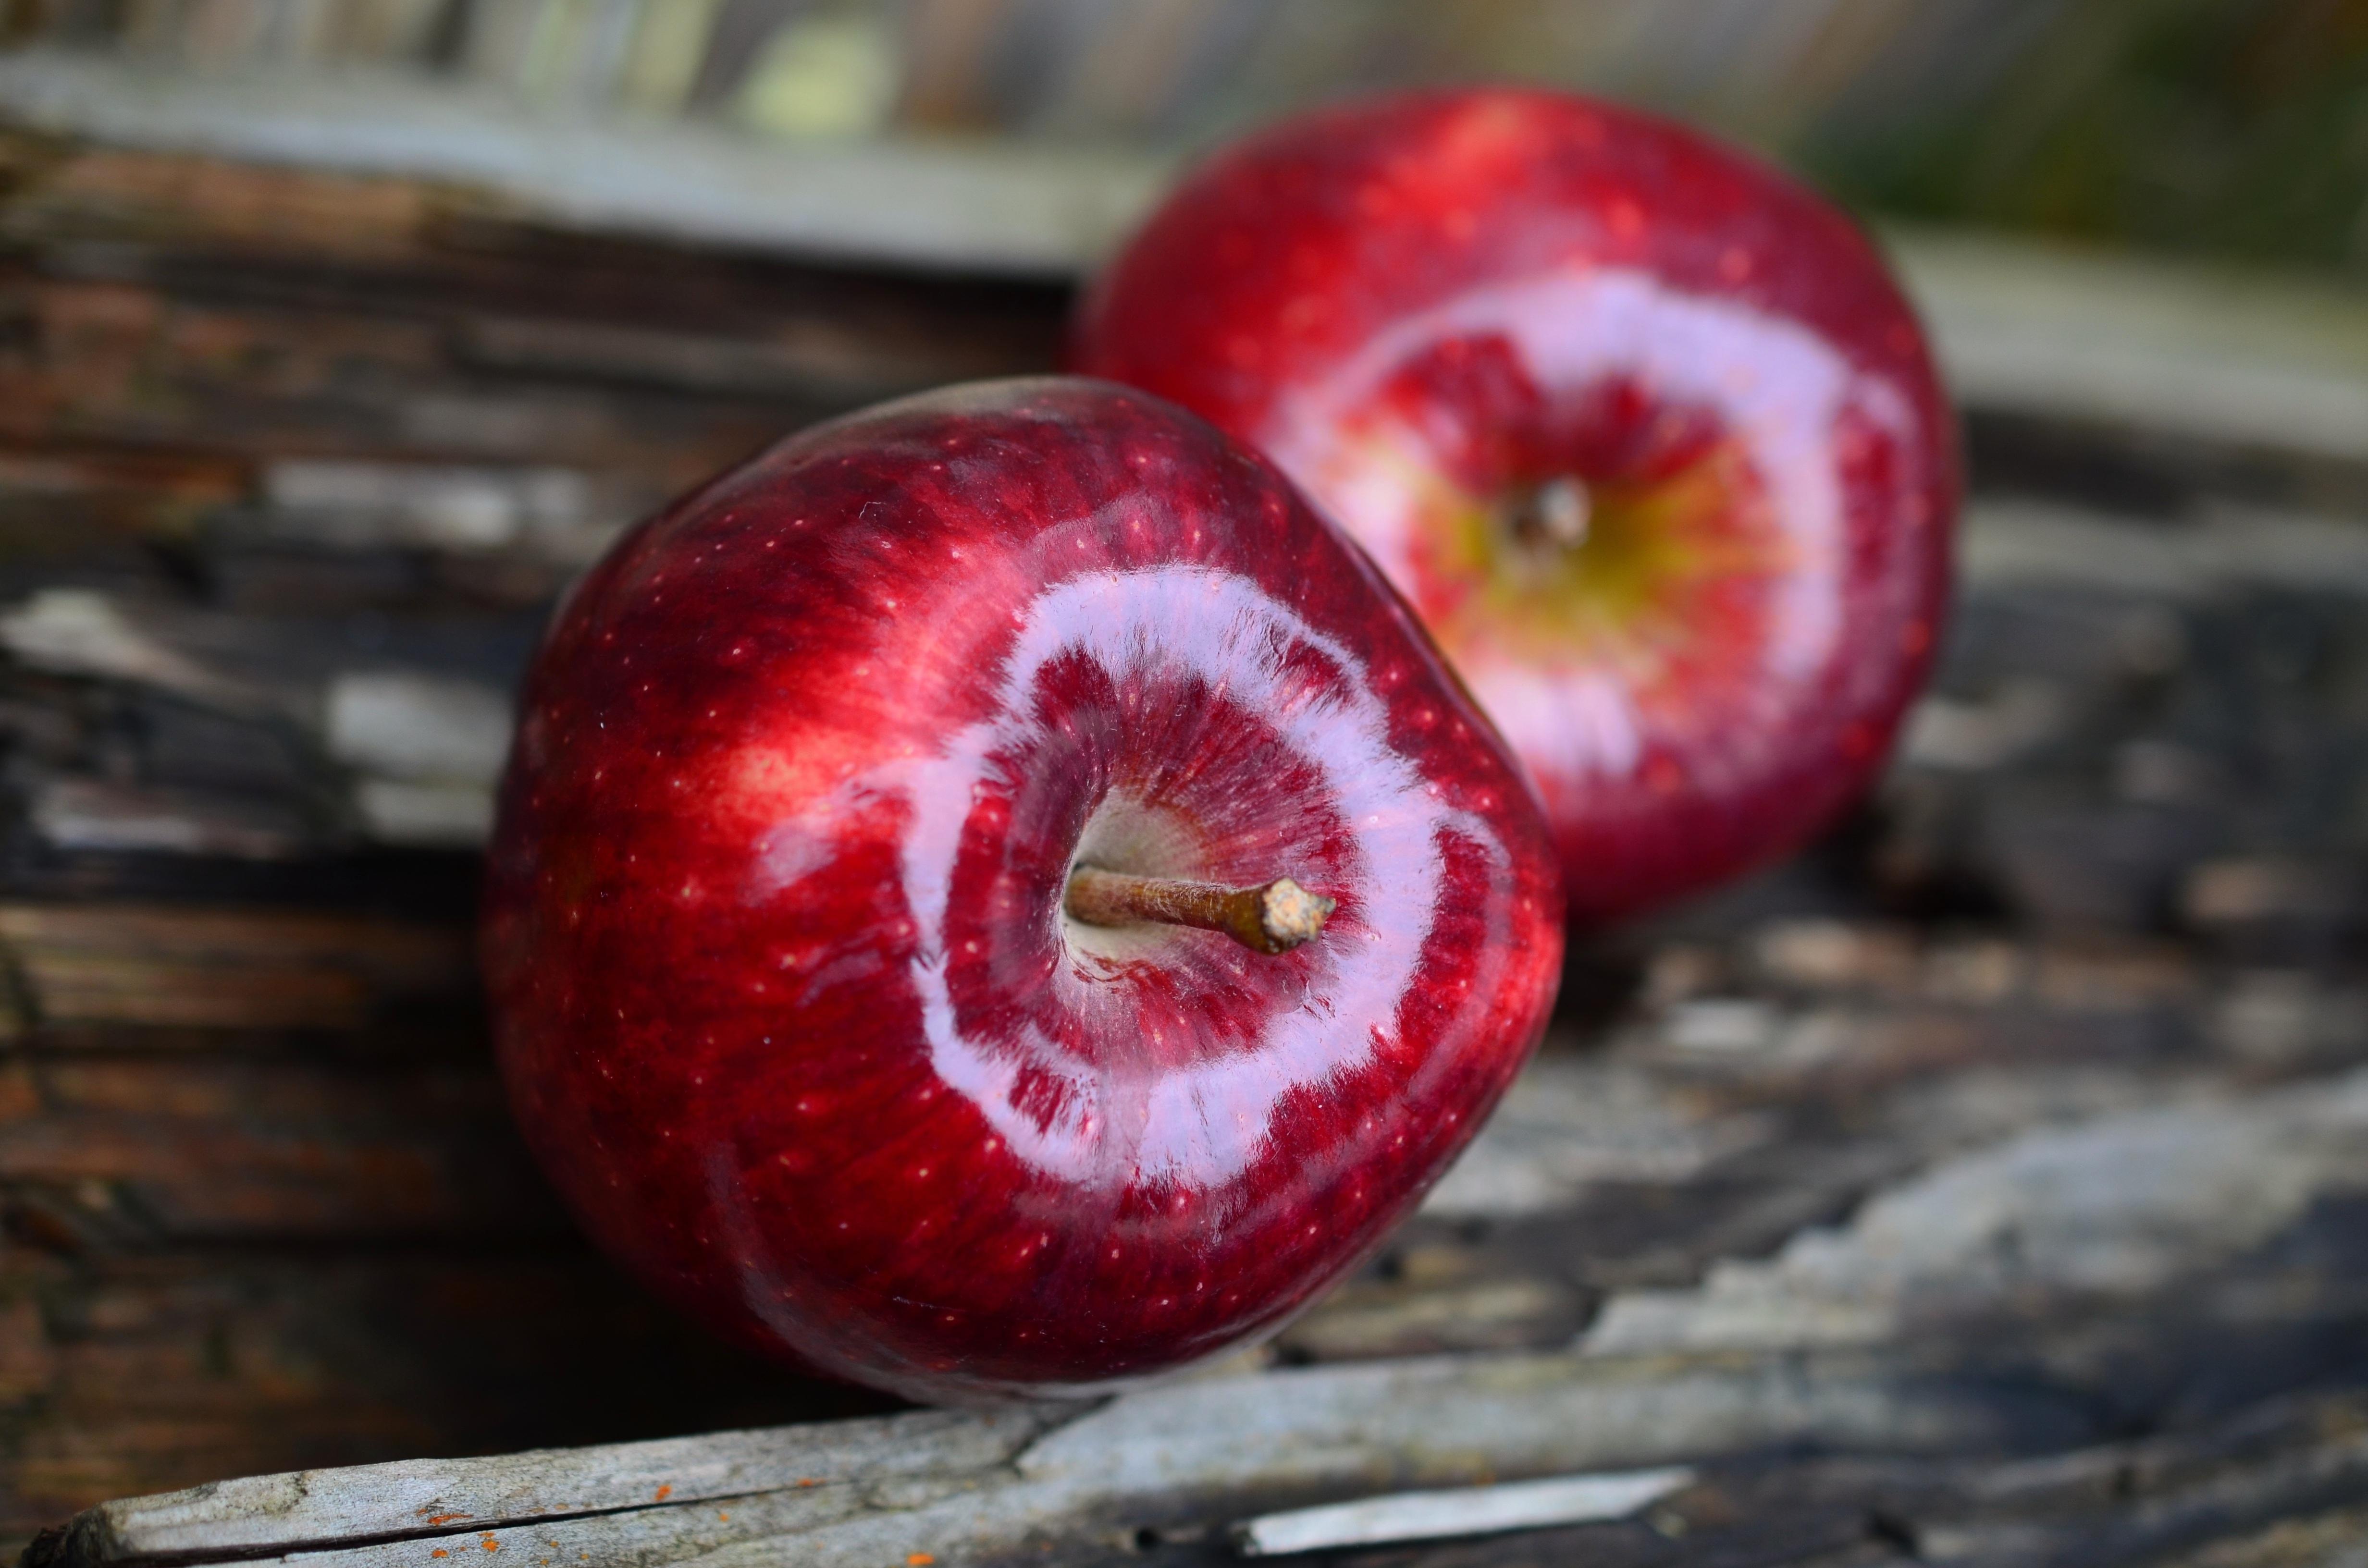 apple-plant-fruit-flower-ripe-food-746445-pxhere.com.jpg